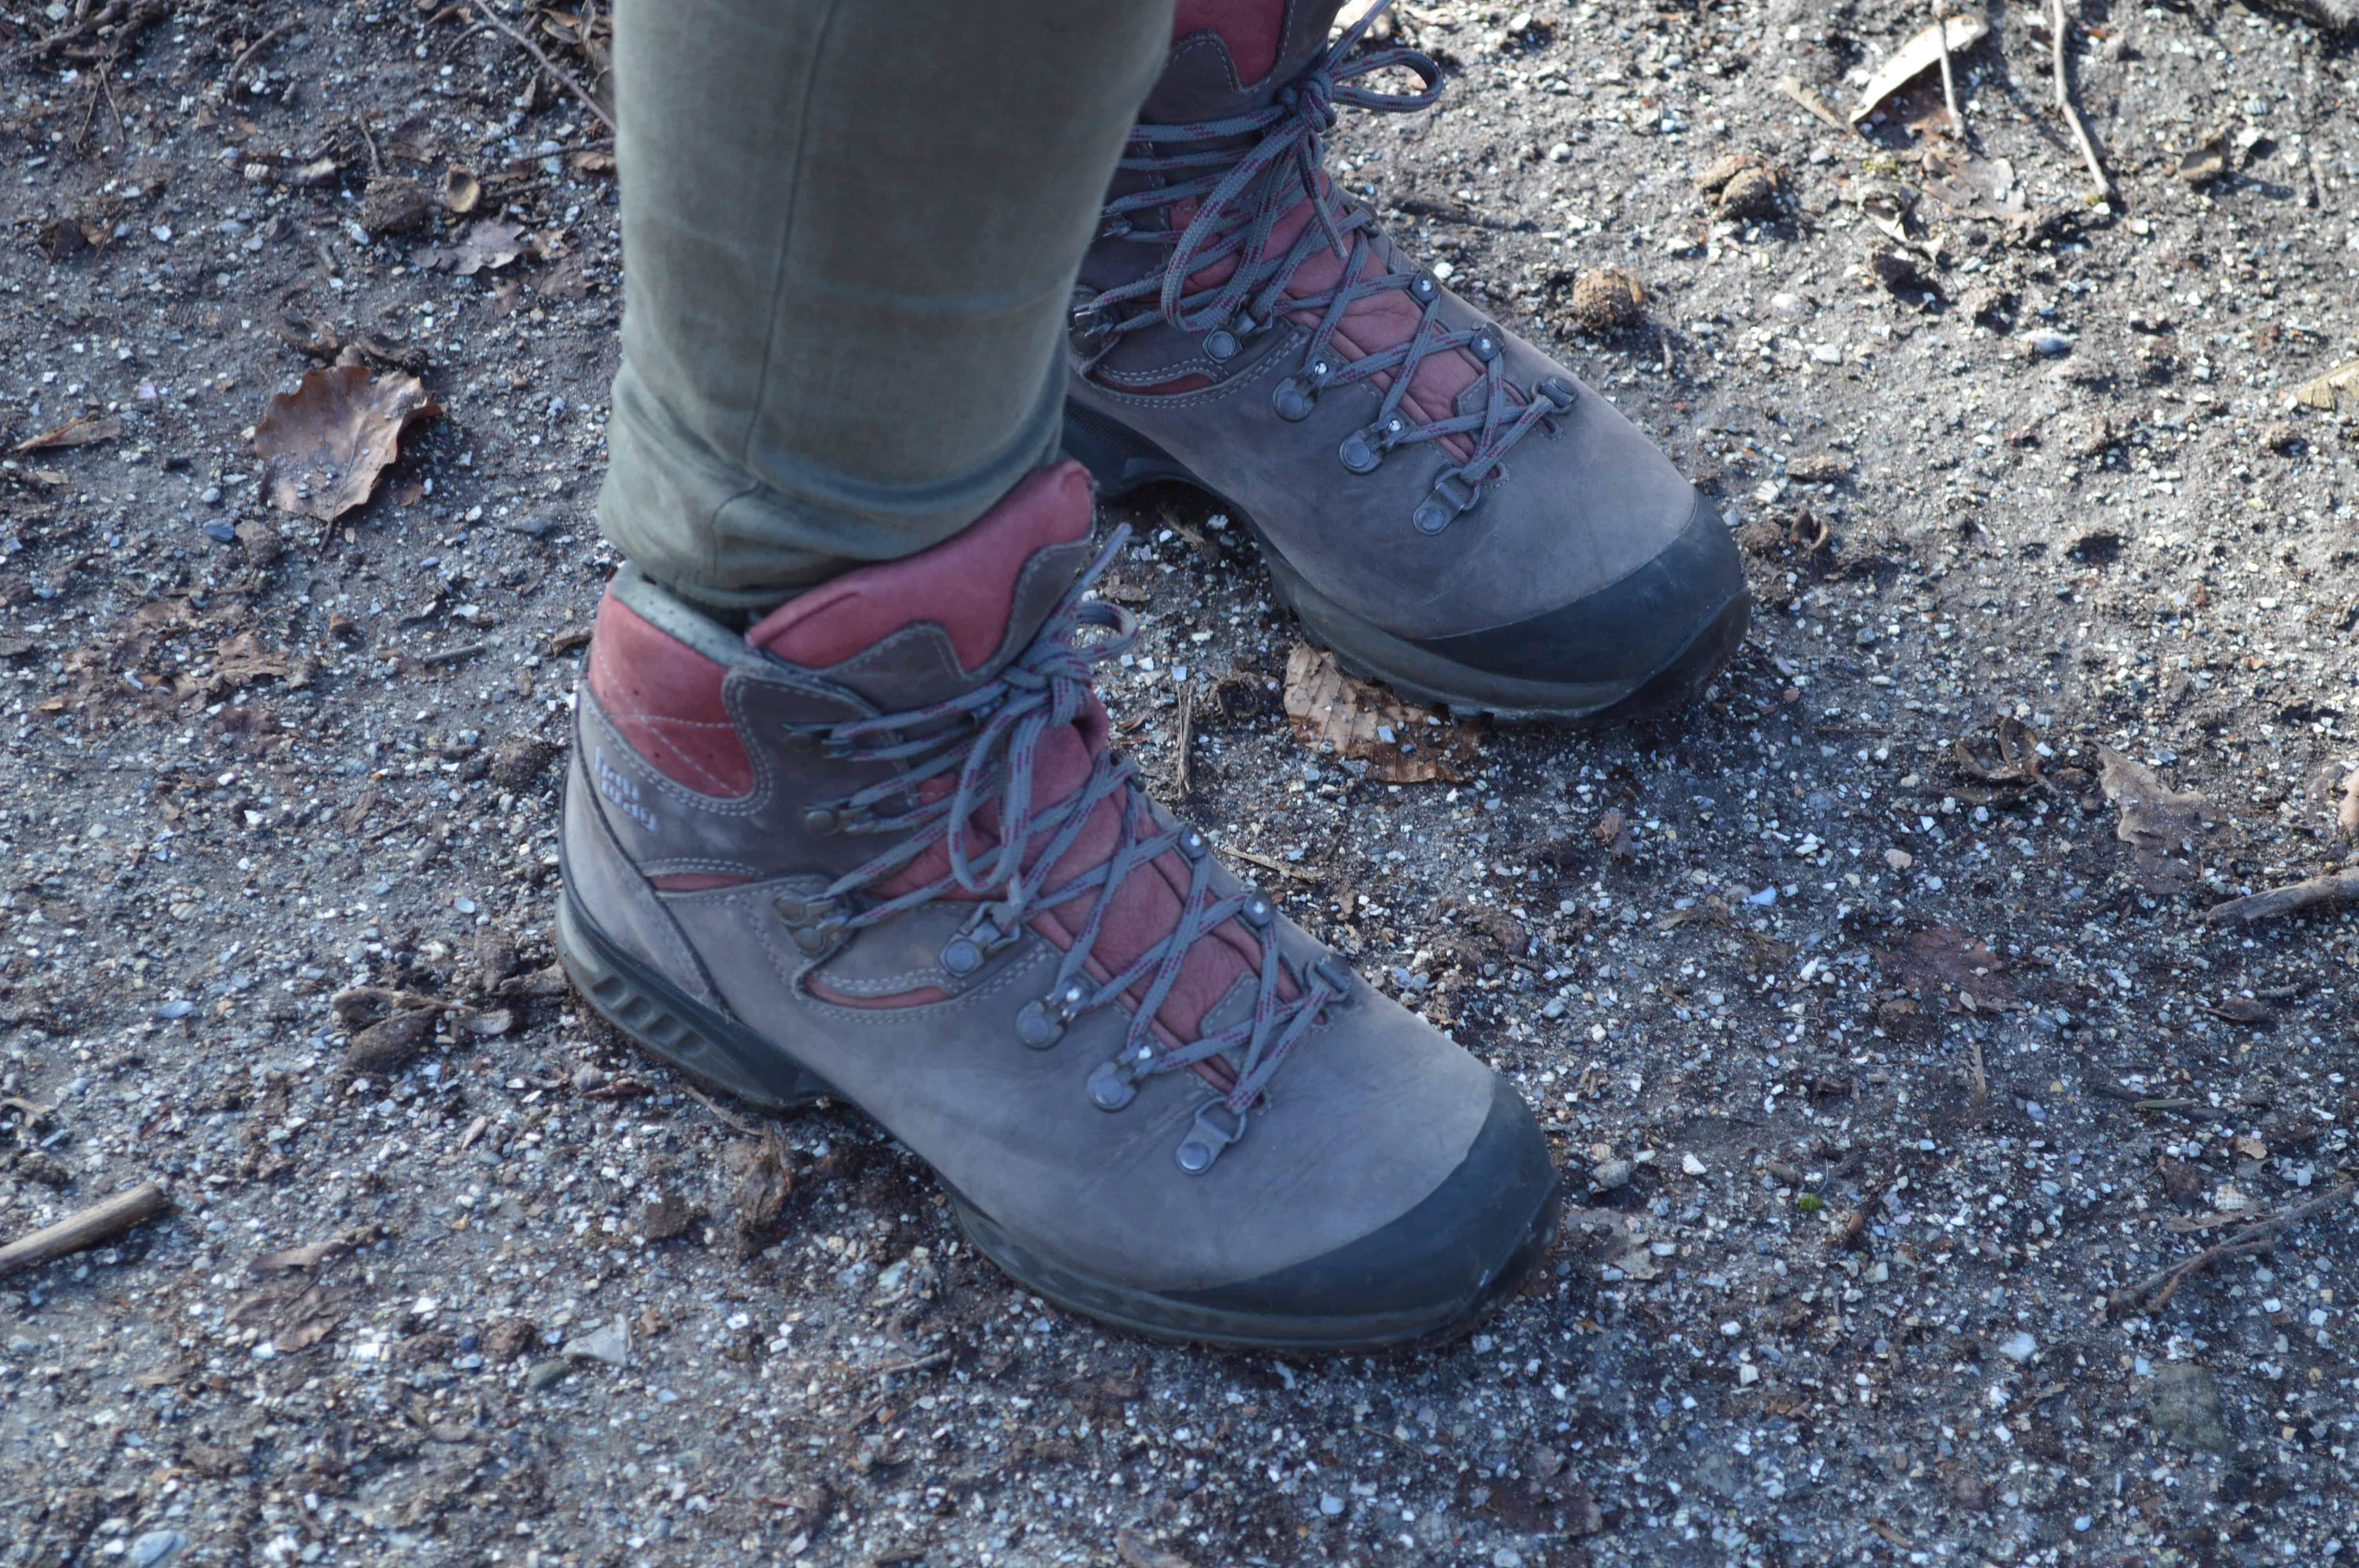 Zoektocht naar wandelschoenen – pasvorm